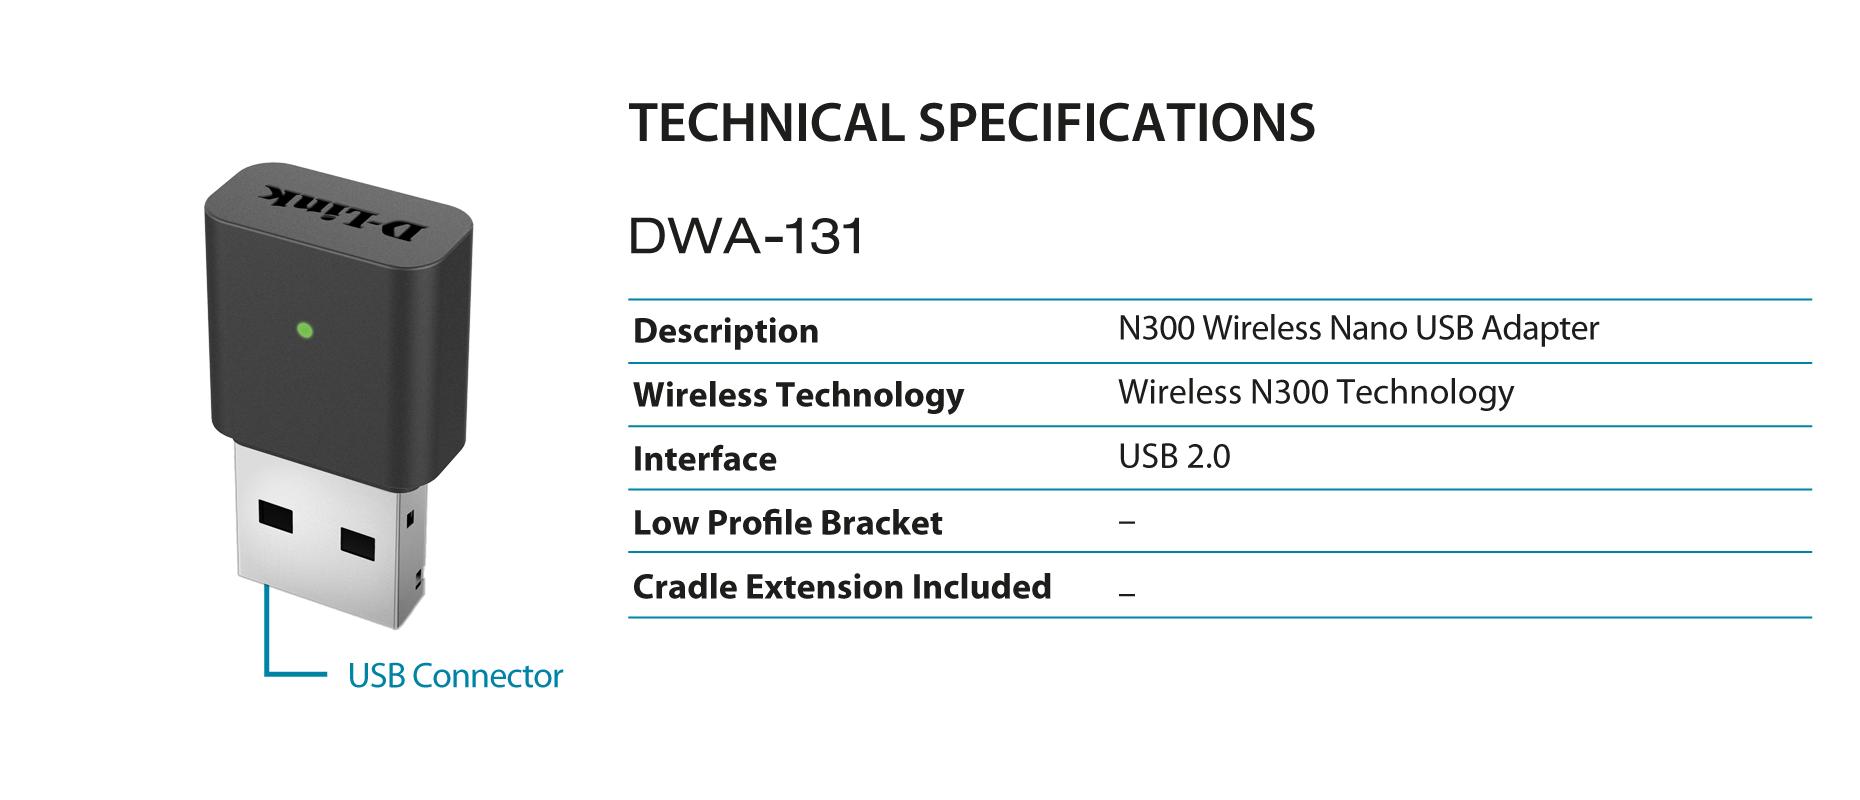 DWA-131_1860x800pxl_Web_Page-5